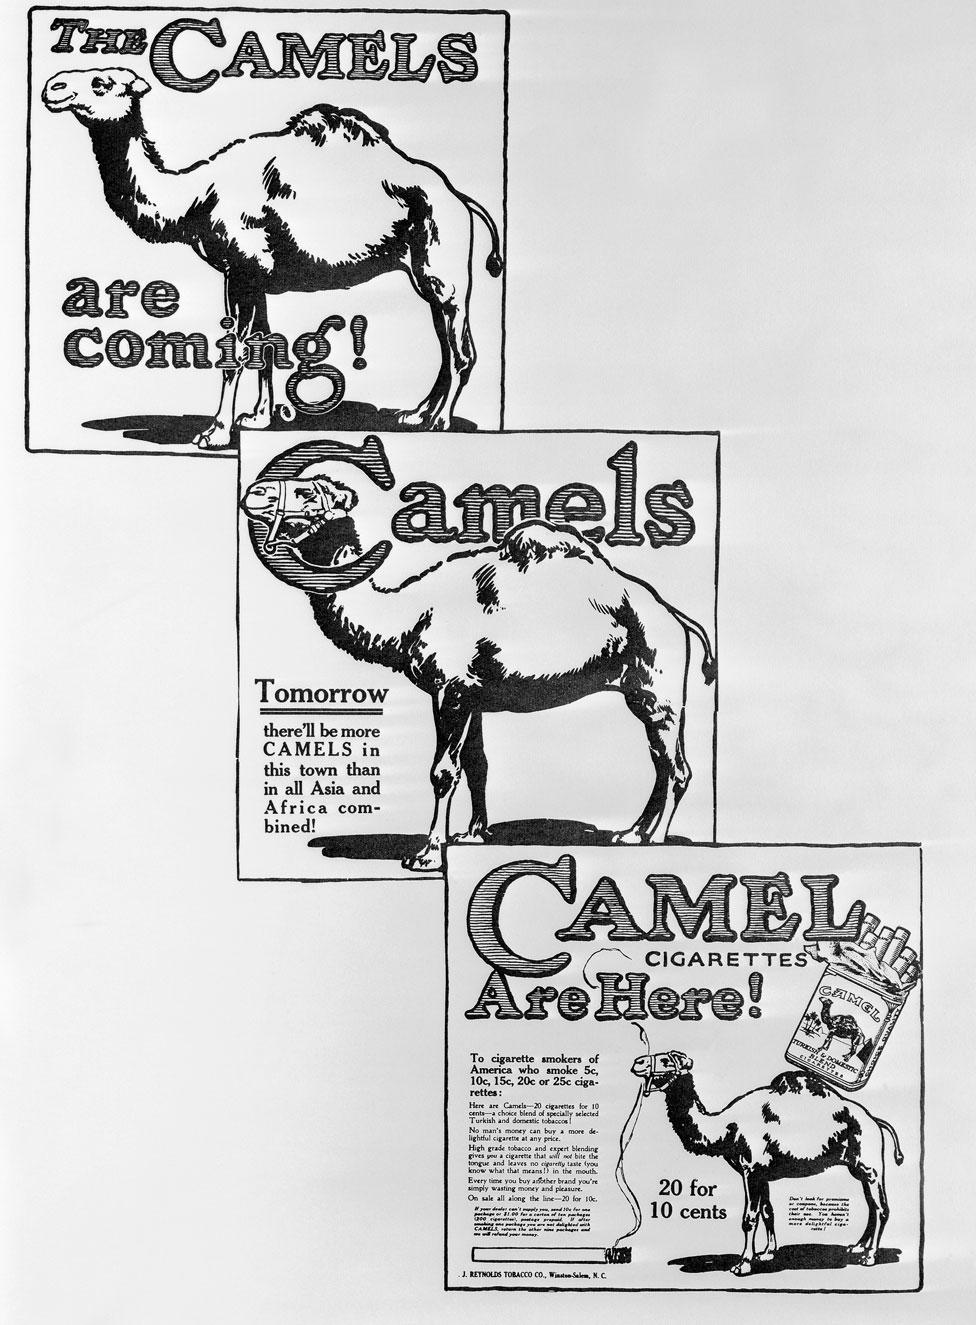 La serie de propagandas anunciando la llegada de los cigarrillos Camel.